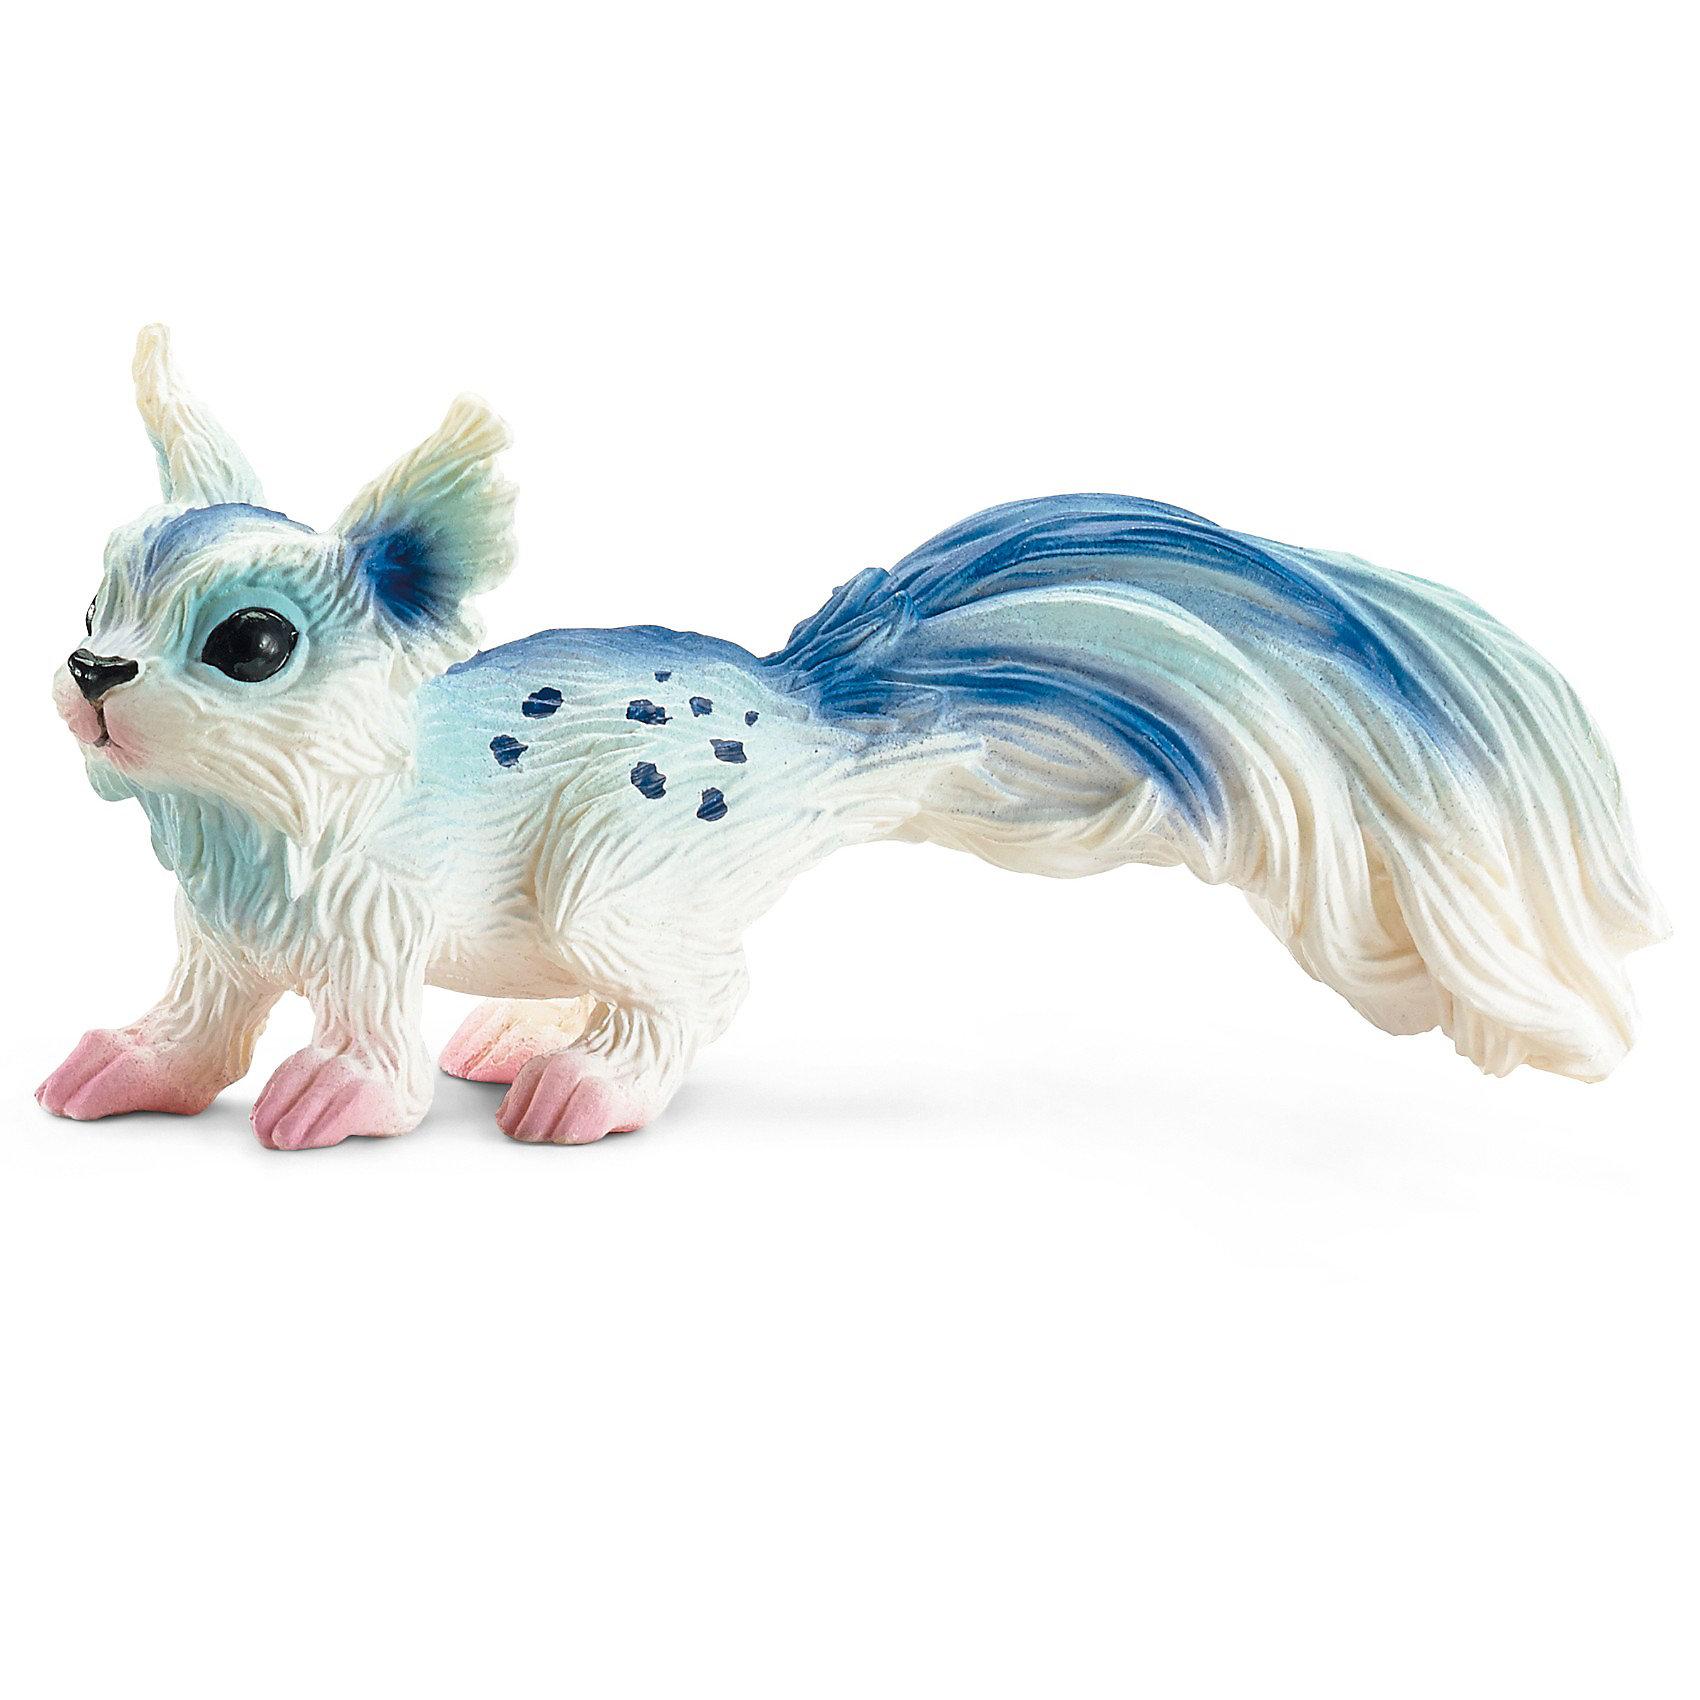 Зимси, SchleichЗимси, Schleich (Шляйх) - игровая фигурка от немецкого производителя Schleich (Шляйх).<br>Фигурка волшебного бельчонка Зимси непременно понравится вашему ребенку и пополнит его коллекцию эльфов от Schleich (Шляйх). Зимси – маленький забавный зверек, который любит спать на подоконнике Ледяного дворца. Однако, если зимси убежит в лес, то только его яркий пушистый синий хвост будет выдавать его в толстом слое снега. Все фигурки Schleich (Шляйх) сделаны из гипоаллергенных высокотехнологичных материалов, не вызывают аллергии у ребенка. Прекрасно выполненные фигурки Schleich (Шляйх) отличаются высочайшим качеством игрушек ручной работы. Каждая фигурка разработана с учетом исследований в области педагогики и производится как настоящее произведение для маленьких детских ручек. <br><br>Дополнительная информация:<br><br>-Размер фигурки: 6,5 x 3 x 2,5 см<br>-Вес фигурки: 9 грамм<br>-Материал: каучуковый пластик<br><br>Зимси, Schleich (Шляйх) - ваш ребенок будет наслаждаться игрой с новой восхитительной игрушкой.<br><br>Фигурку Зимси, Schleich (Шляйх) можно купить в нашем интернет-магазине.<br><br>Ширина мм: 62<br>Глубина мм: 30<br>Высота мм: 20<br>Вес г: 11<br>Возраст от месяцев: 36<br>Возраст до месяцев: 96<br>Пол: Женский<br>Возраст: Детский<br>SKU: 3443172